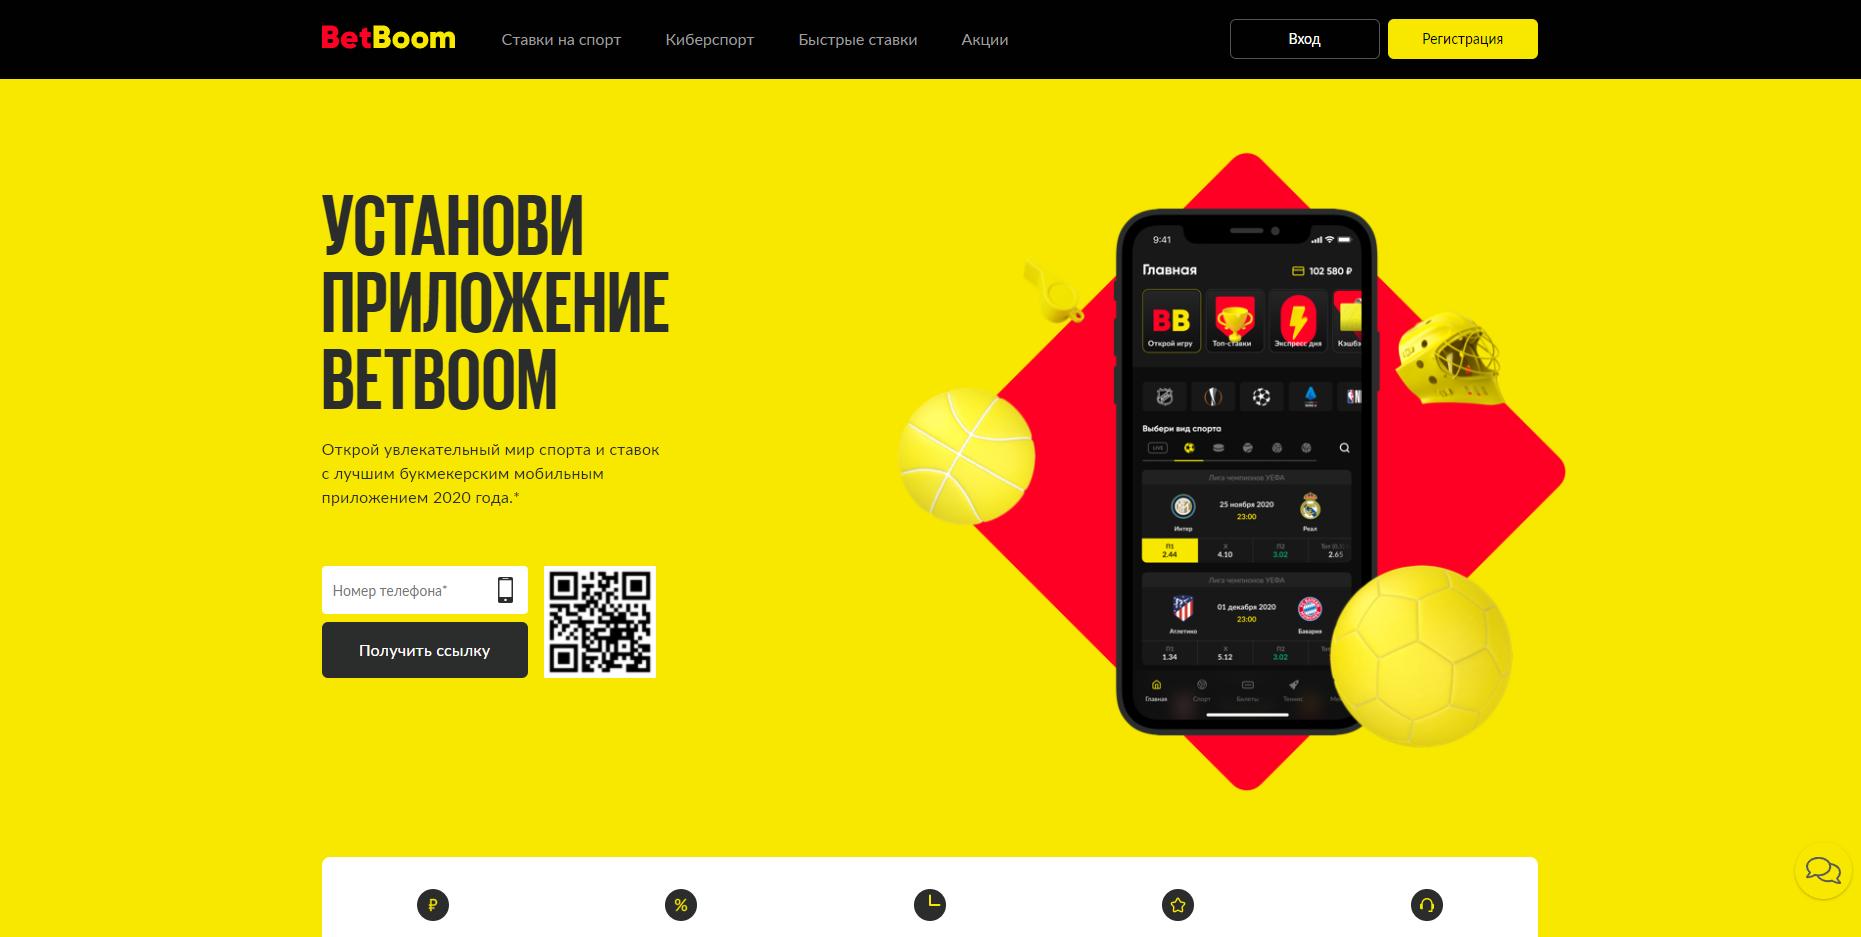 Мобильные приложения БК Бетбум